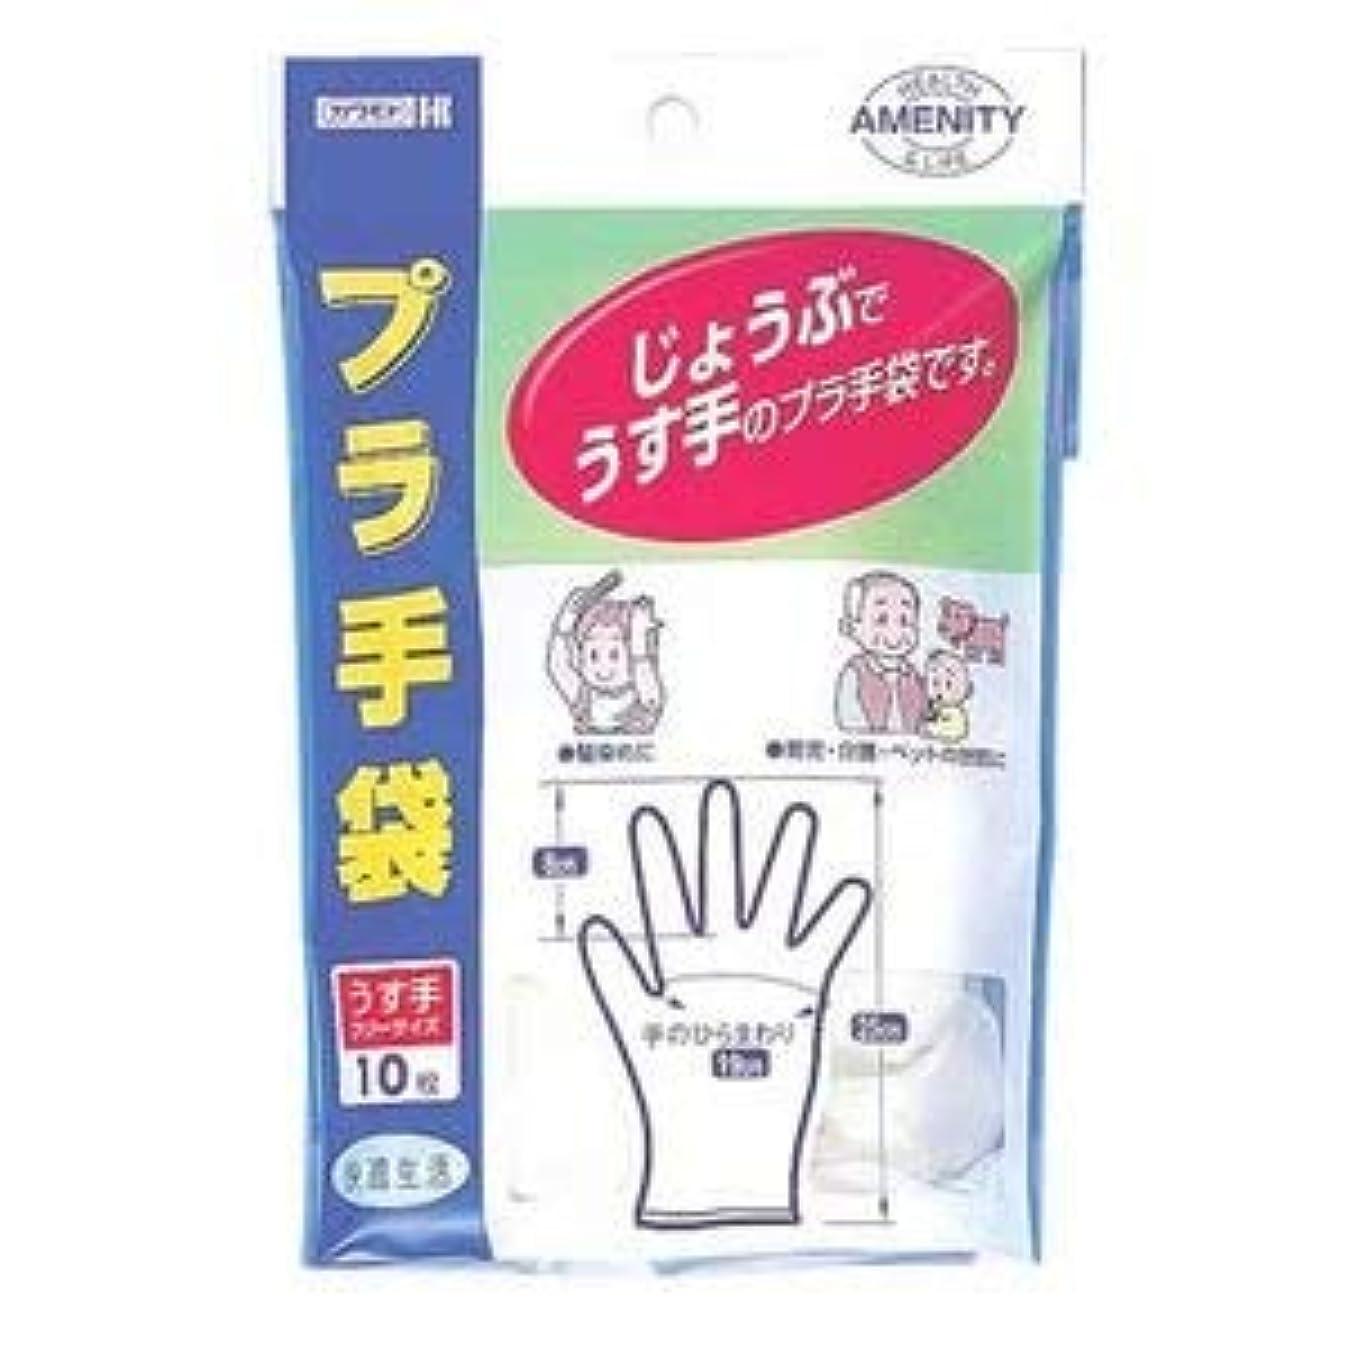 サポート関連付ける正直カワモト プラ手袋 10枚 ×3個